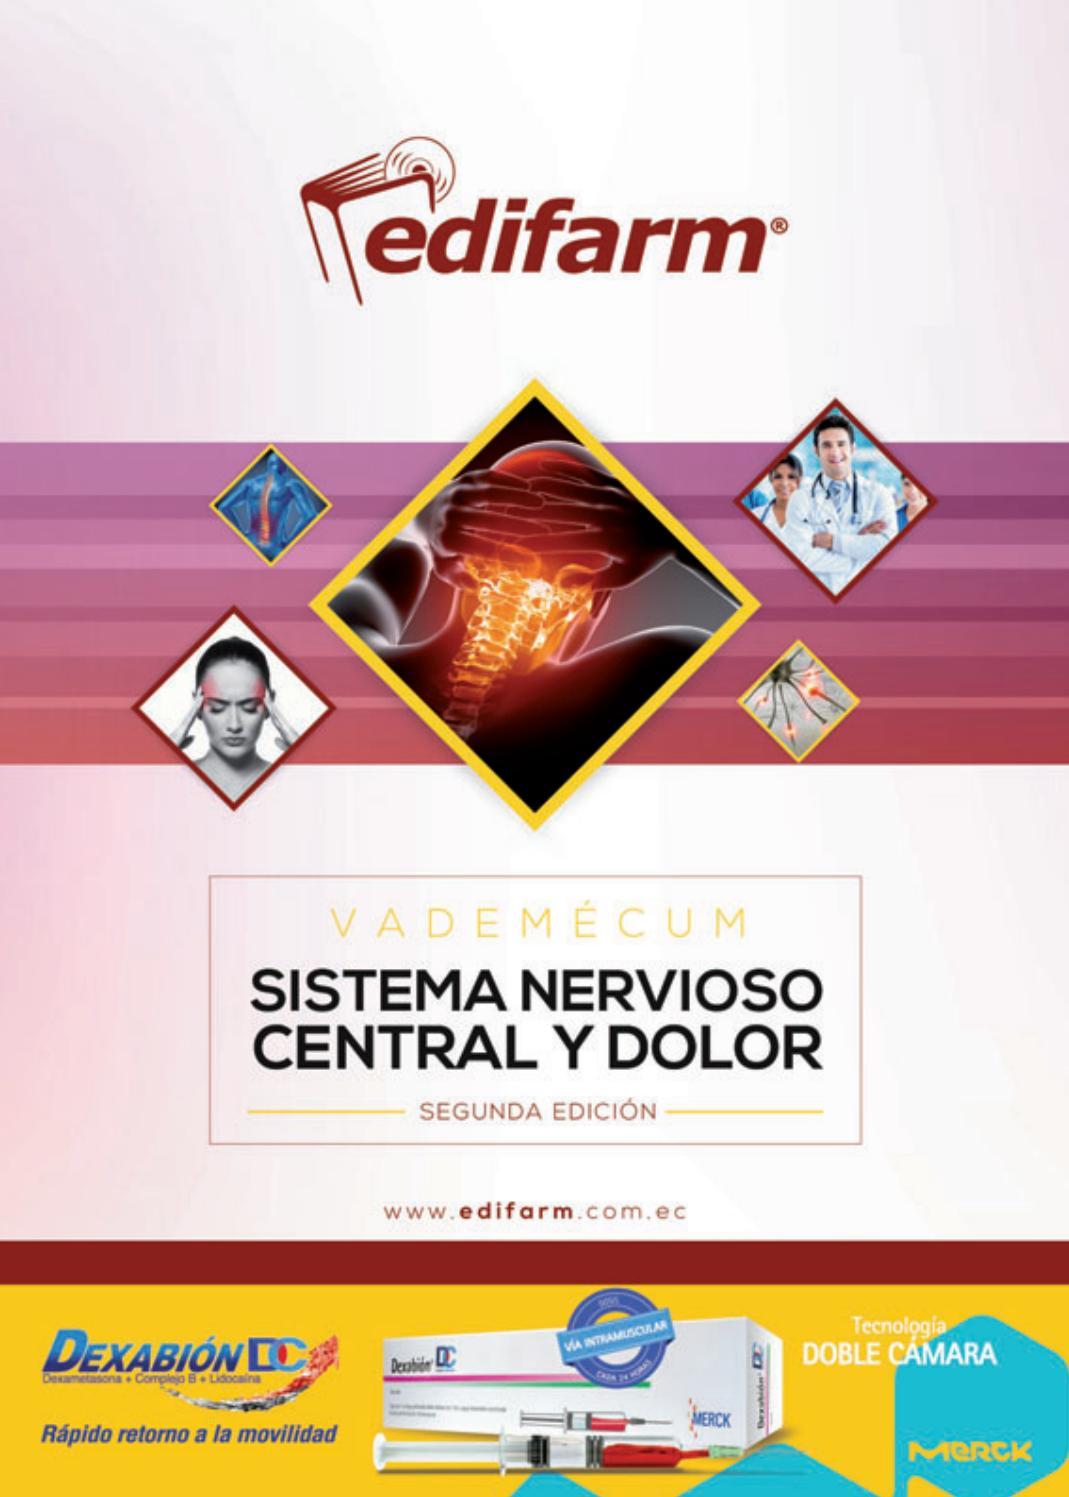 Vademécum Sistema Nervioso Central y Dolor 2016 by Edifarm